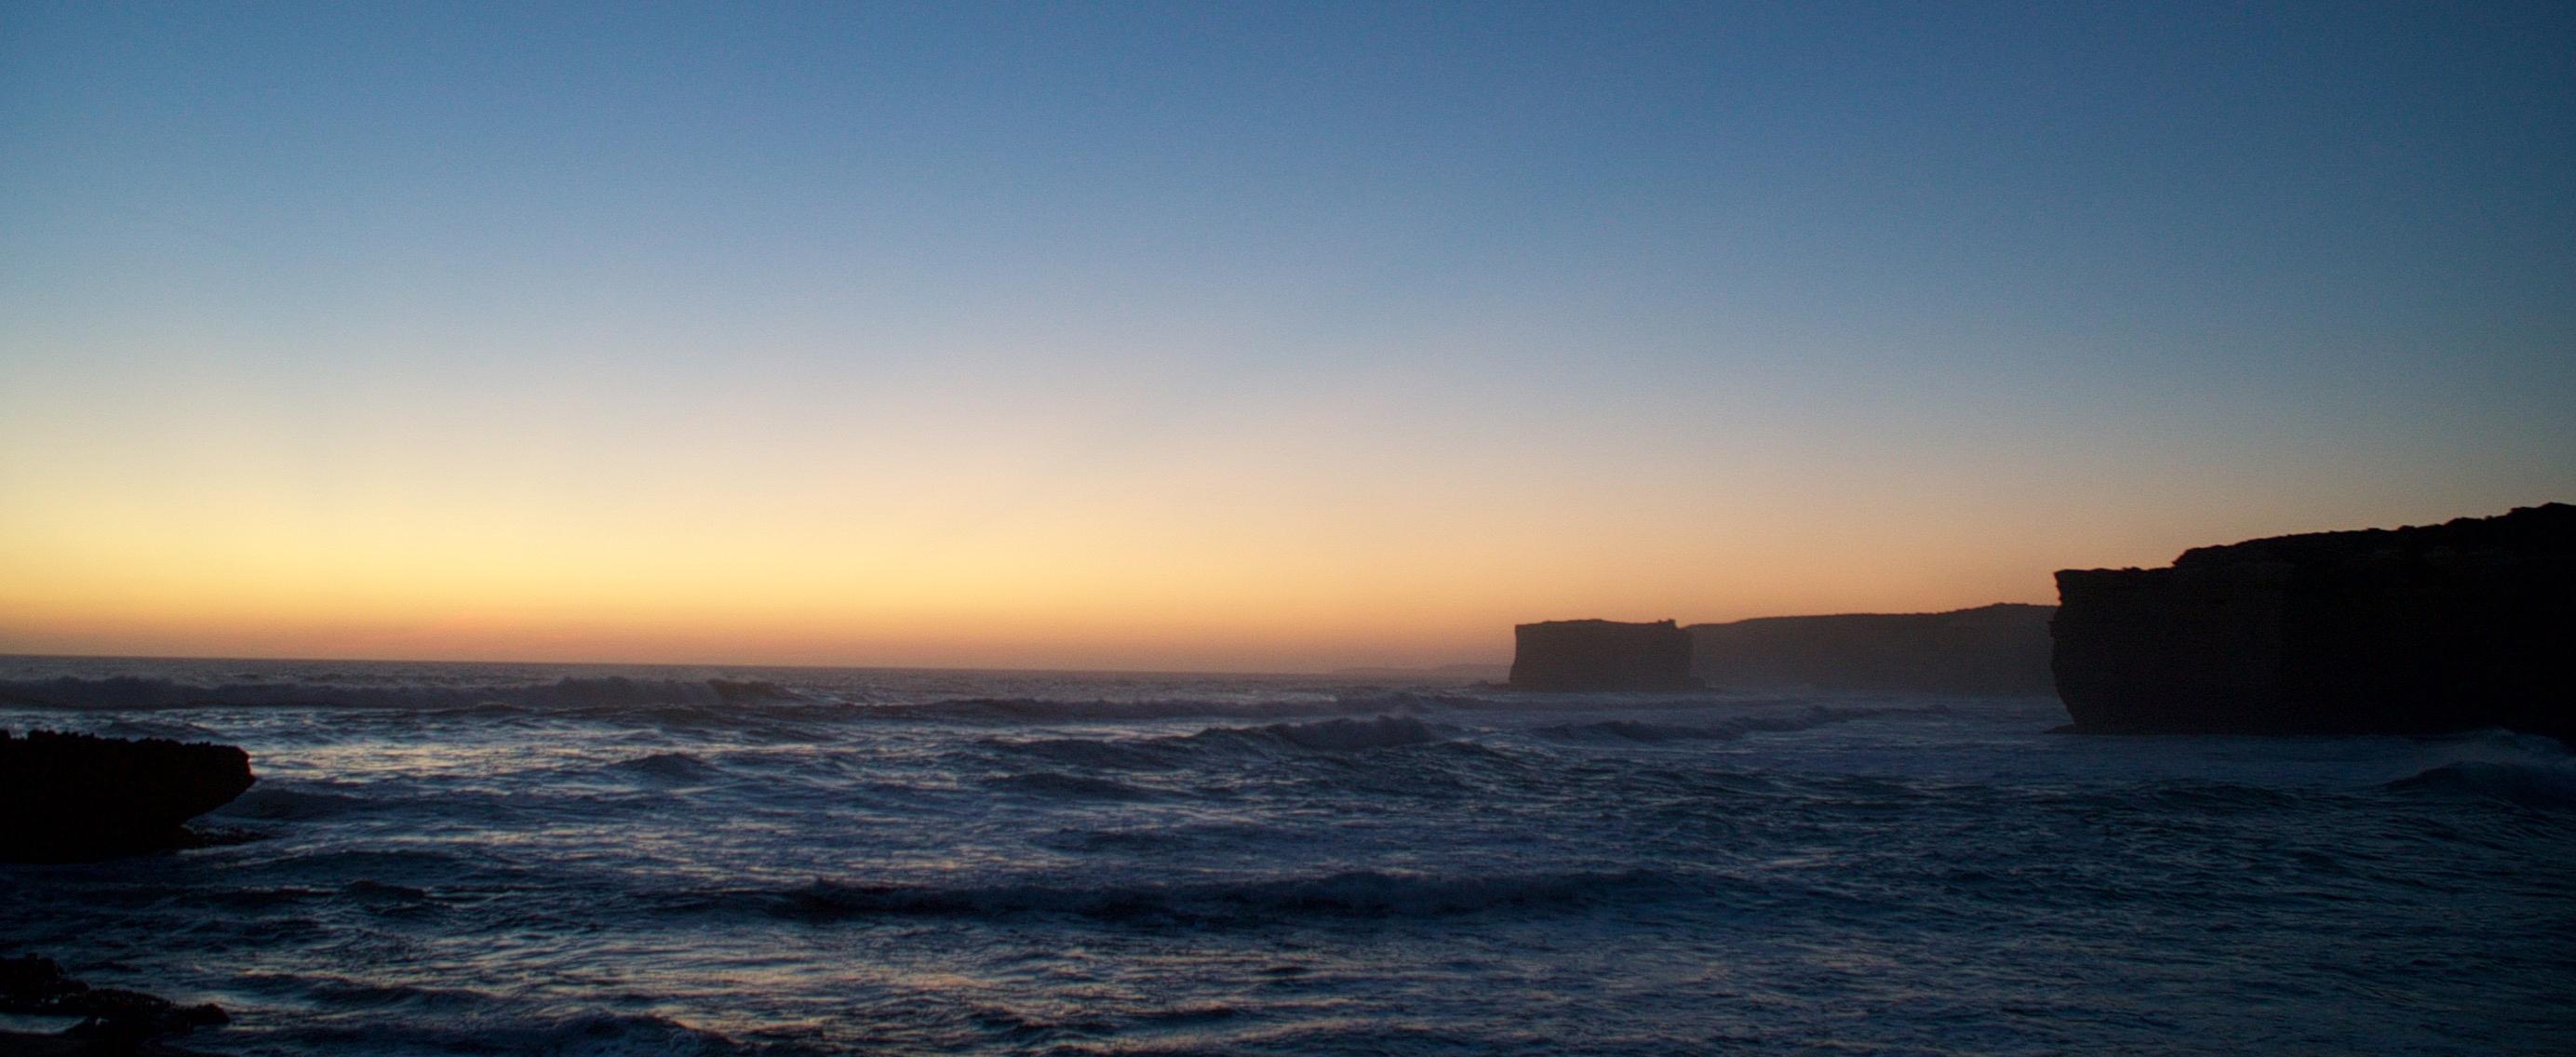 ocean dusk site